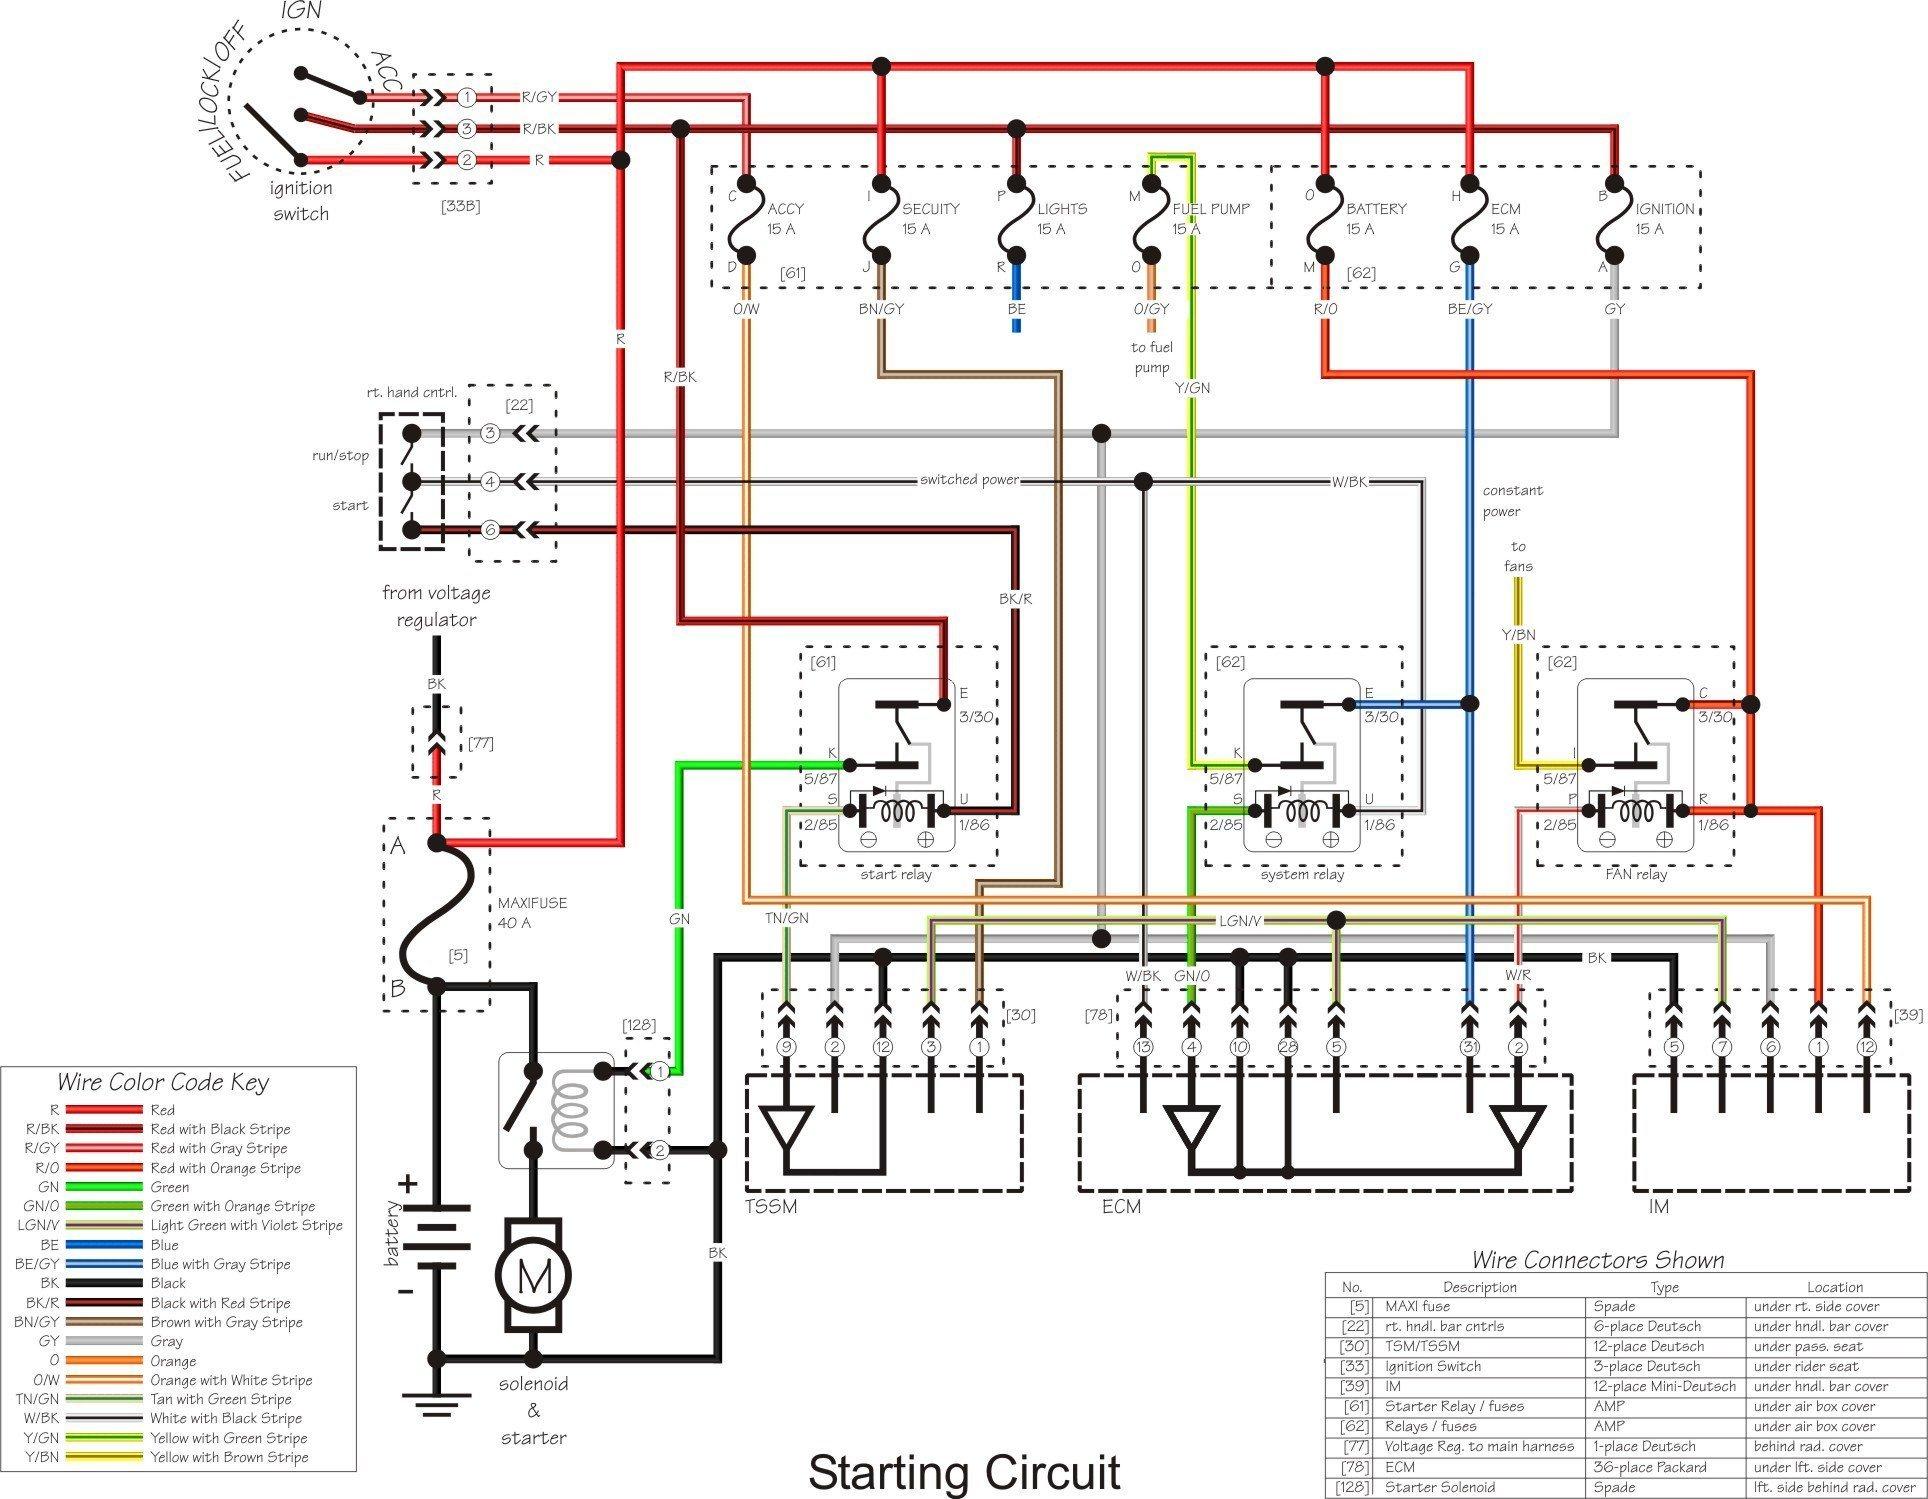 yamaha wiring diagram symbols yamaha image wiring yamaha yzf 600 wiring diagram yamaha auto wiring diagram schematic on yamaha wiring diagram symbols